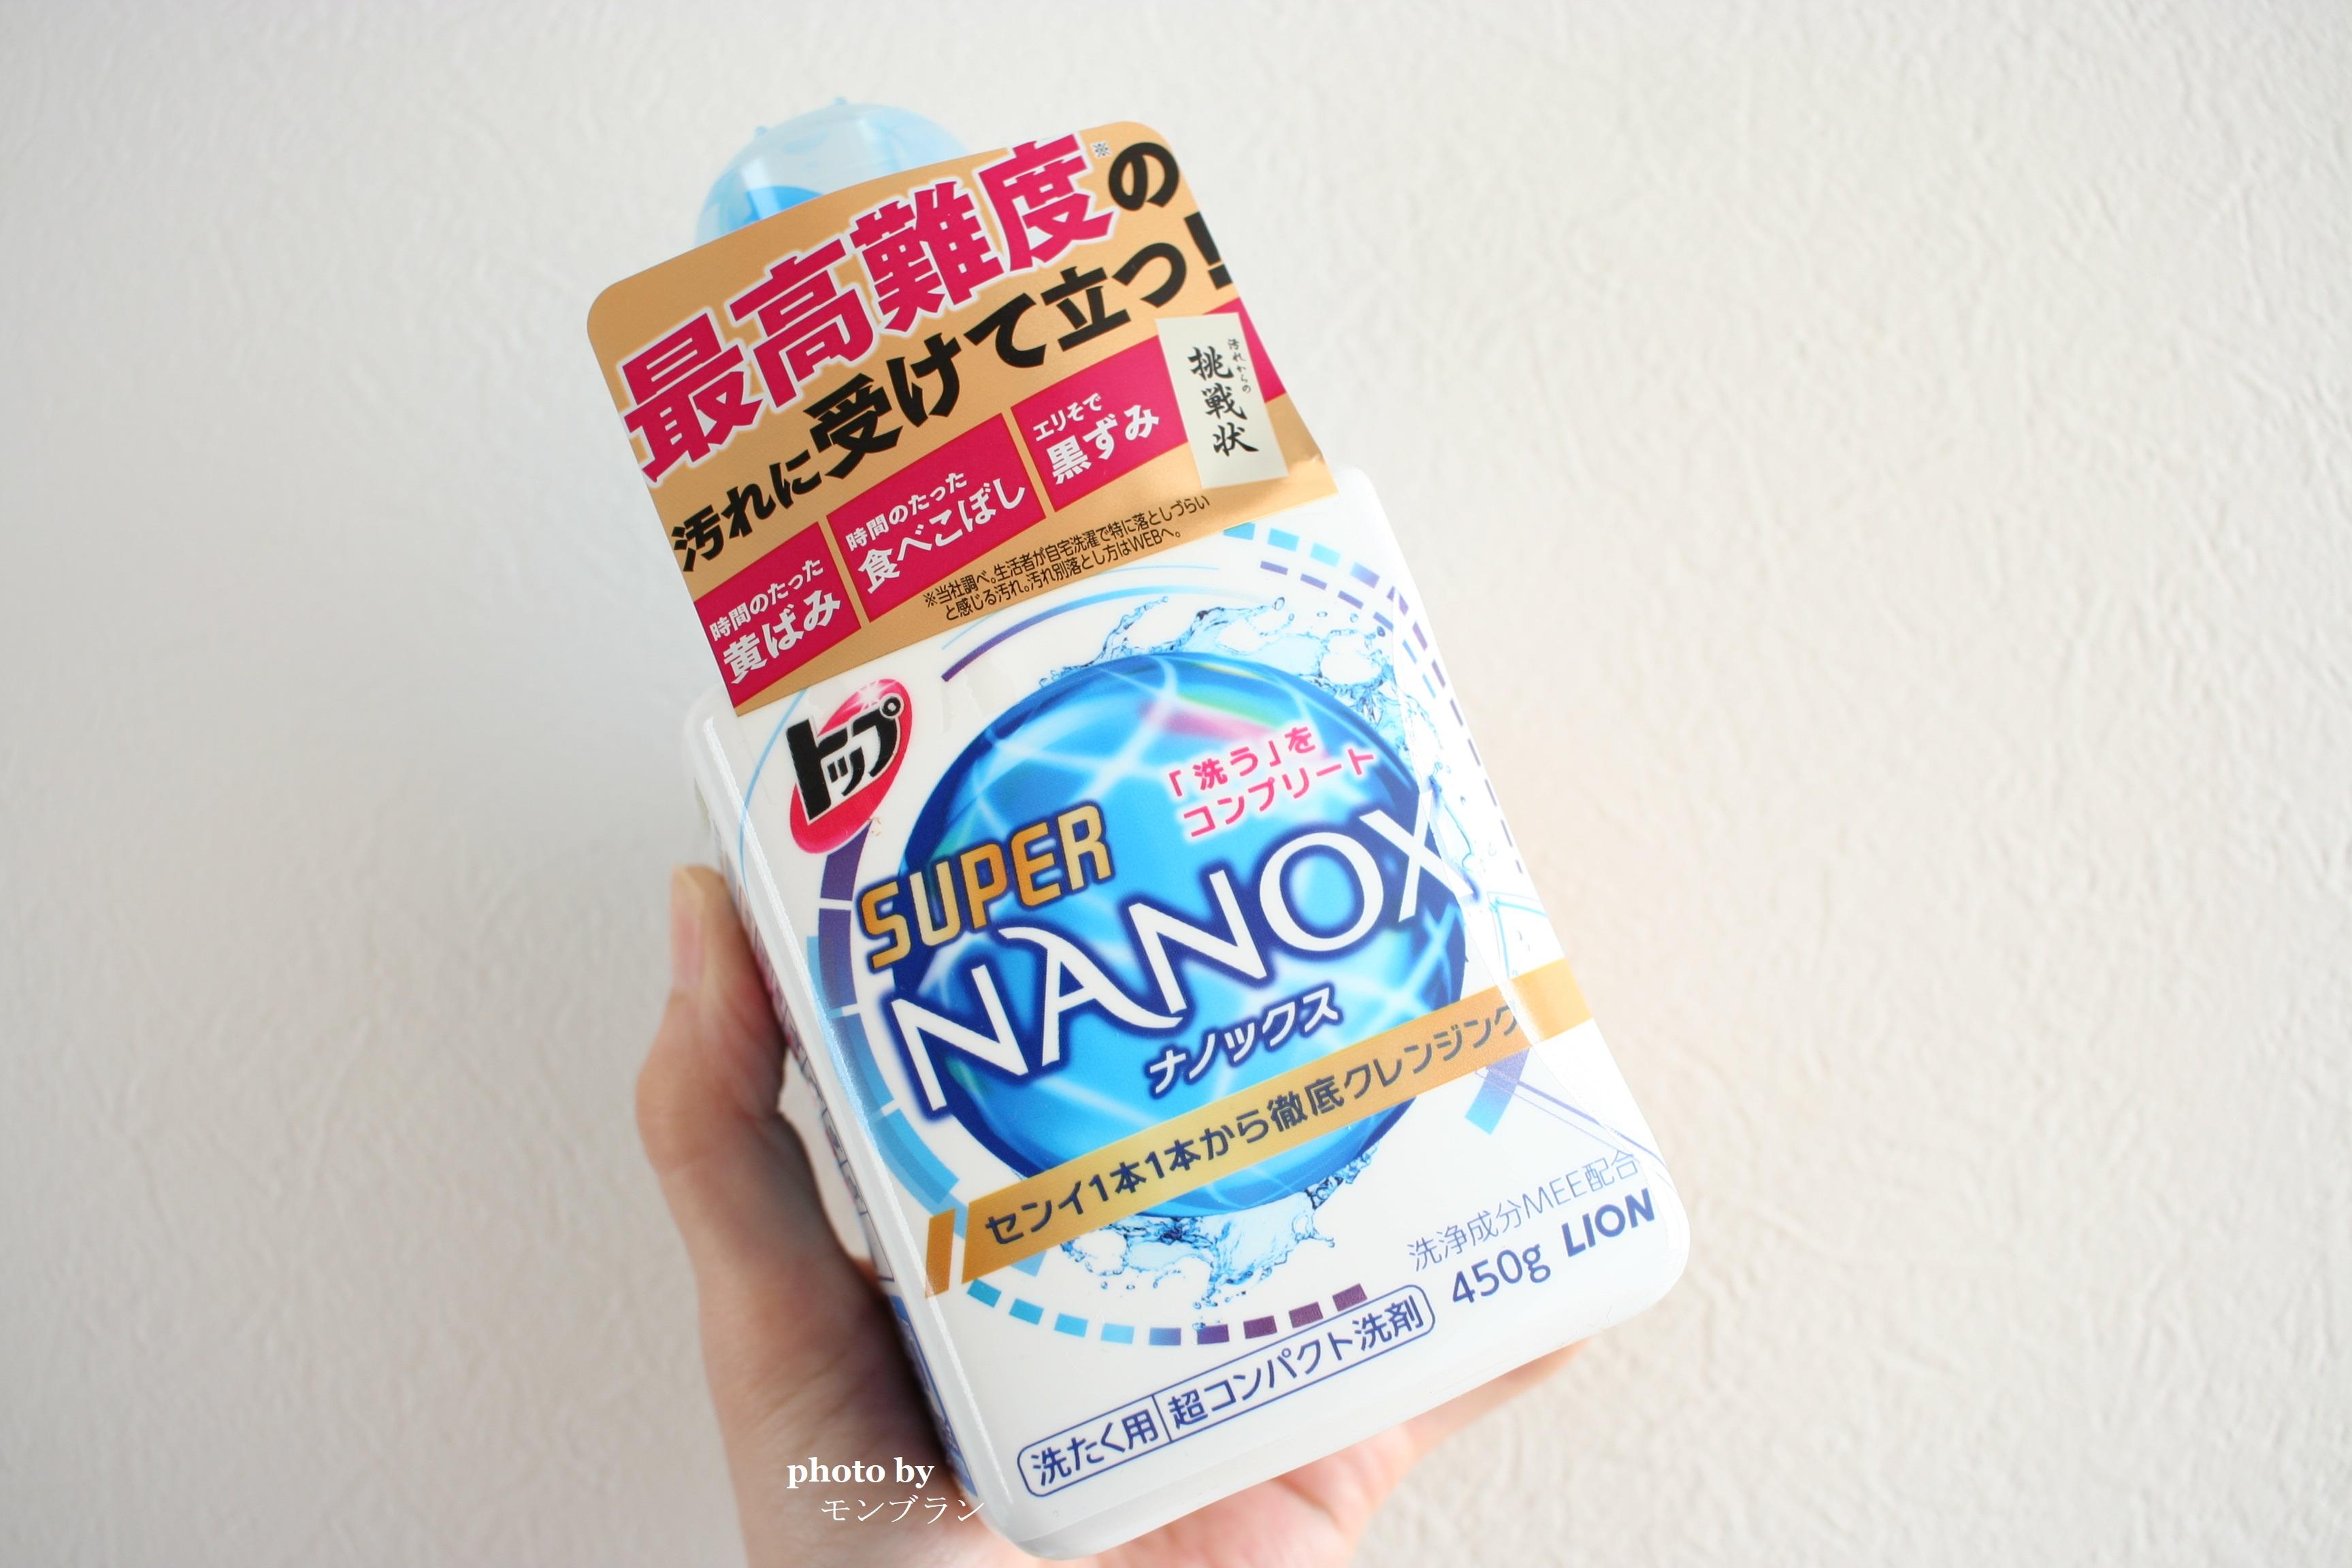 ニノが最高何度の汚れに受けて立つ!スーパーナノックス